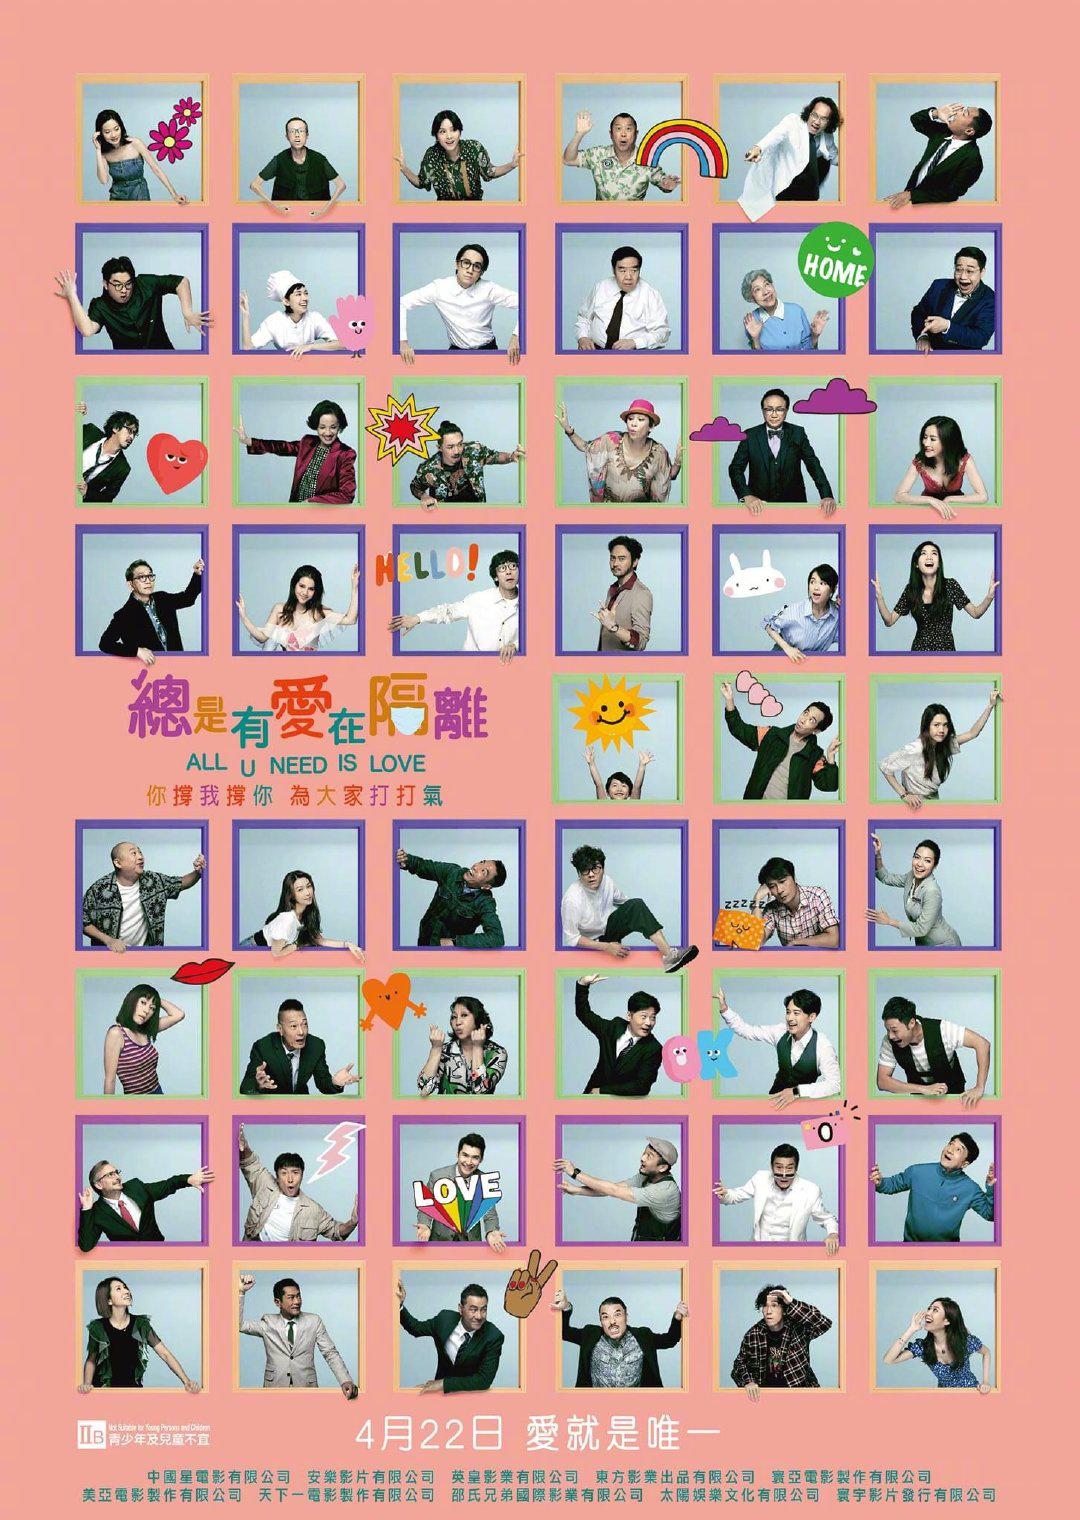 《总是有爱在隔离》发布主题曲 刘德华张学友献声